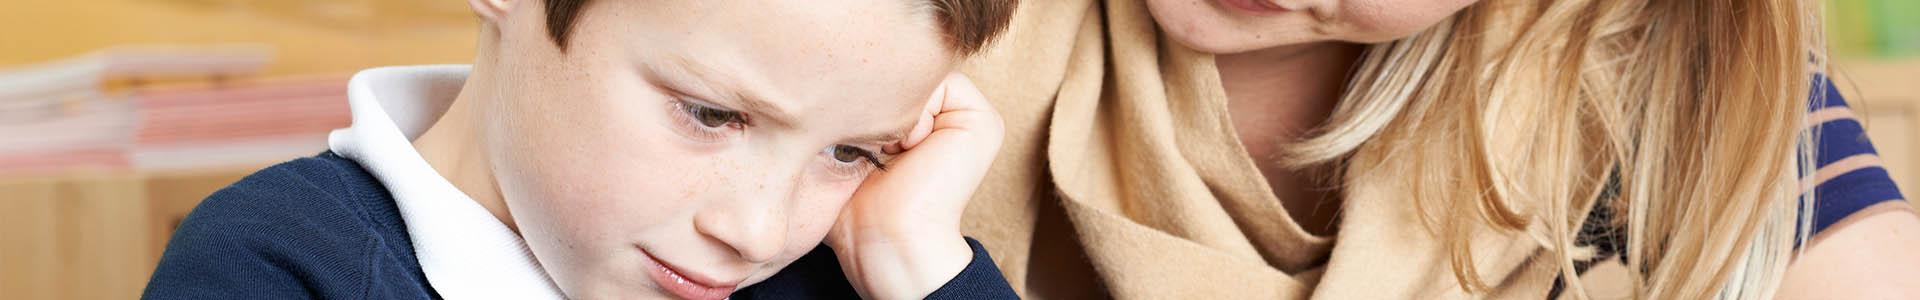 μαθησιακές δυσκολίες συμπτώματα